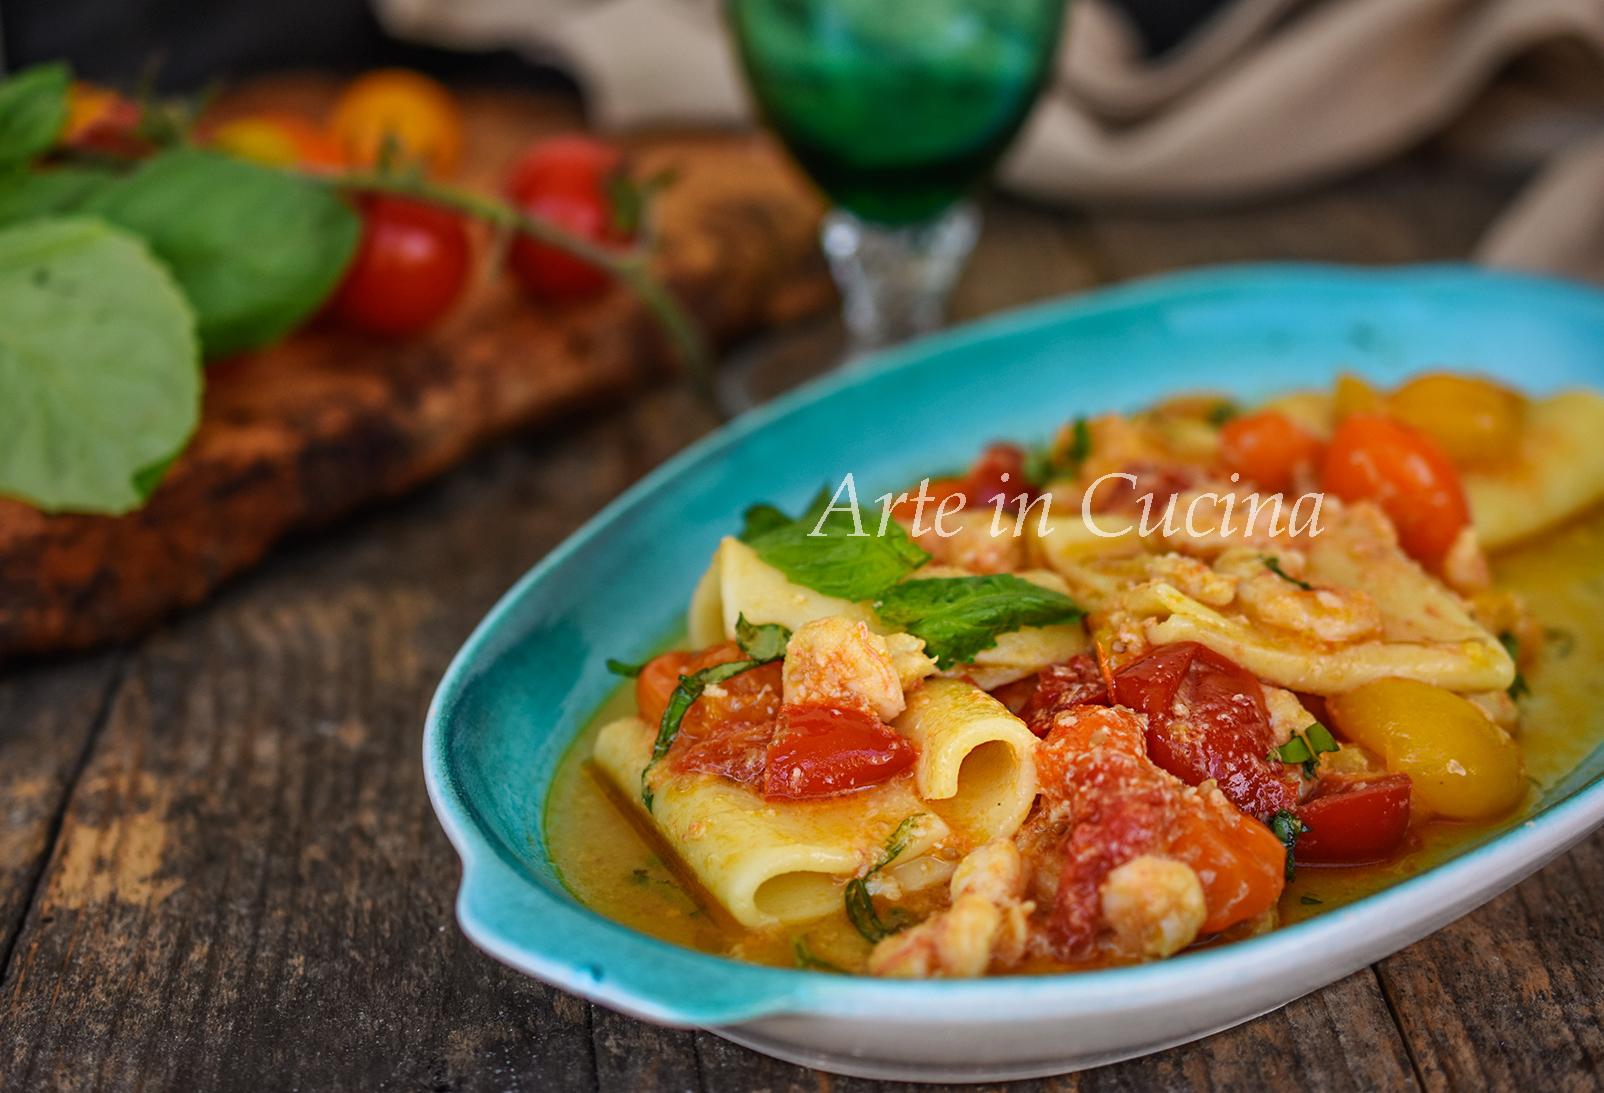 Paccheri con pomodorini e gamberetti primo piatto veloce vickyart arte in cucina